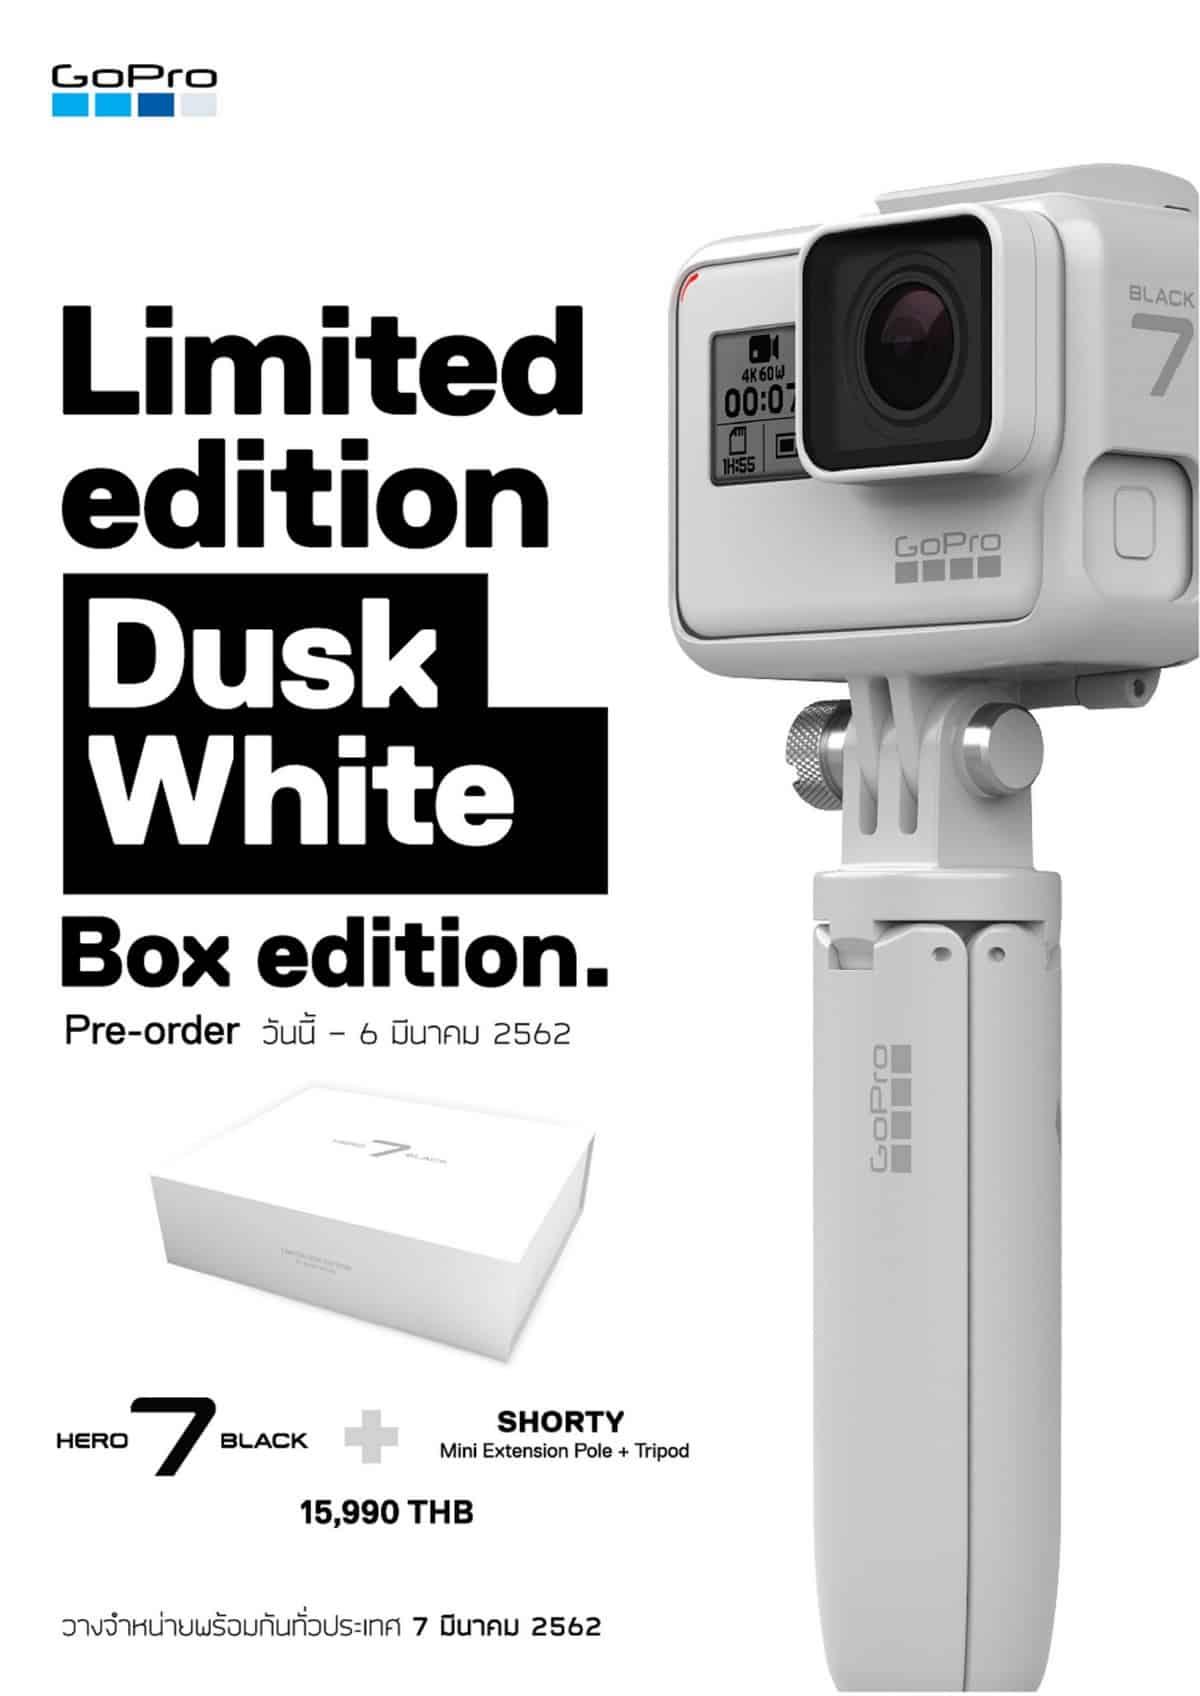 รูป Pre Order GoPro White Walker Box Set ประกอบเนื้อหา GoPro เปิดตัว GoPro HERO7 Black ลิมิเต็ด เอดิชั่น สีขาว